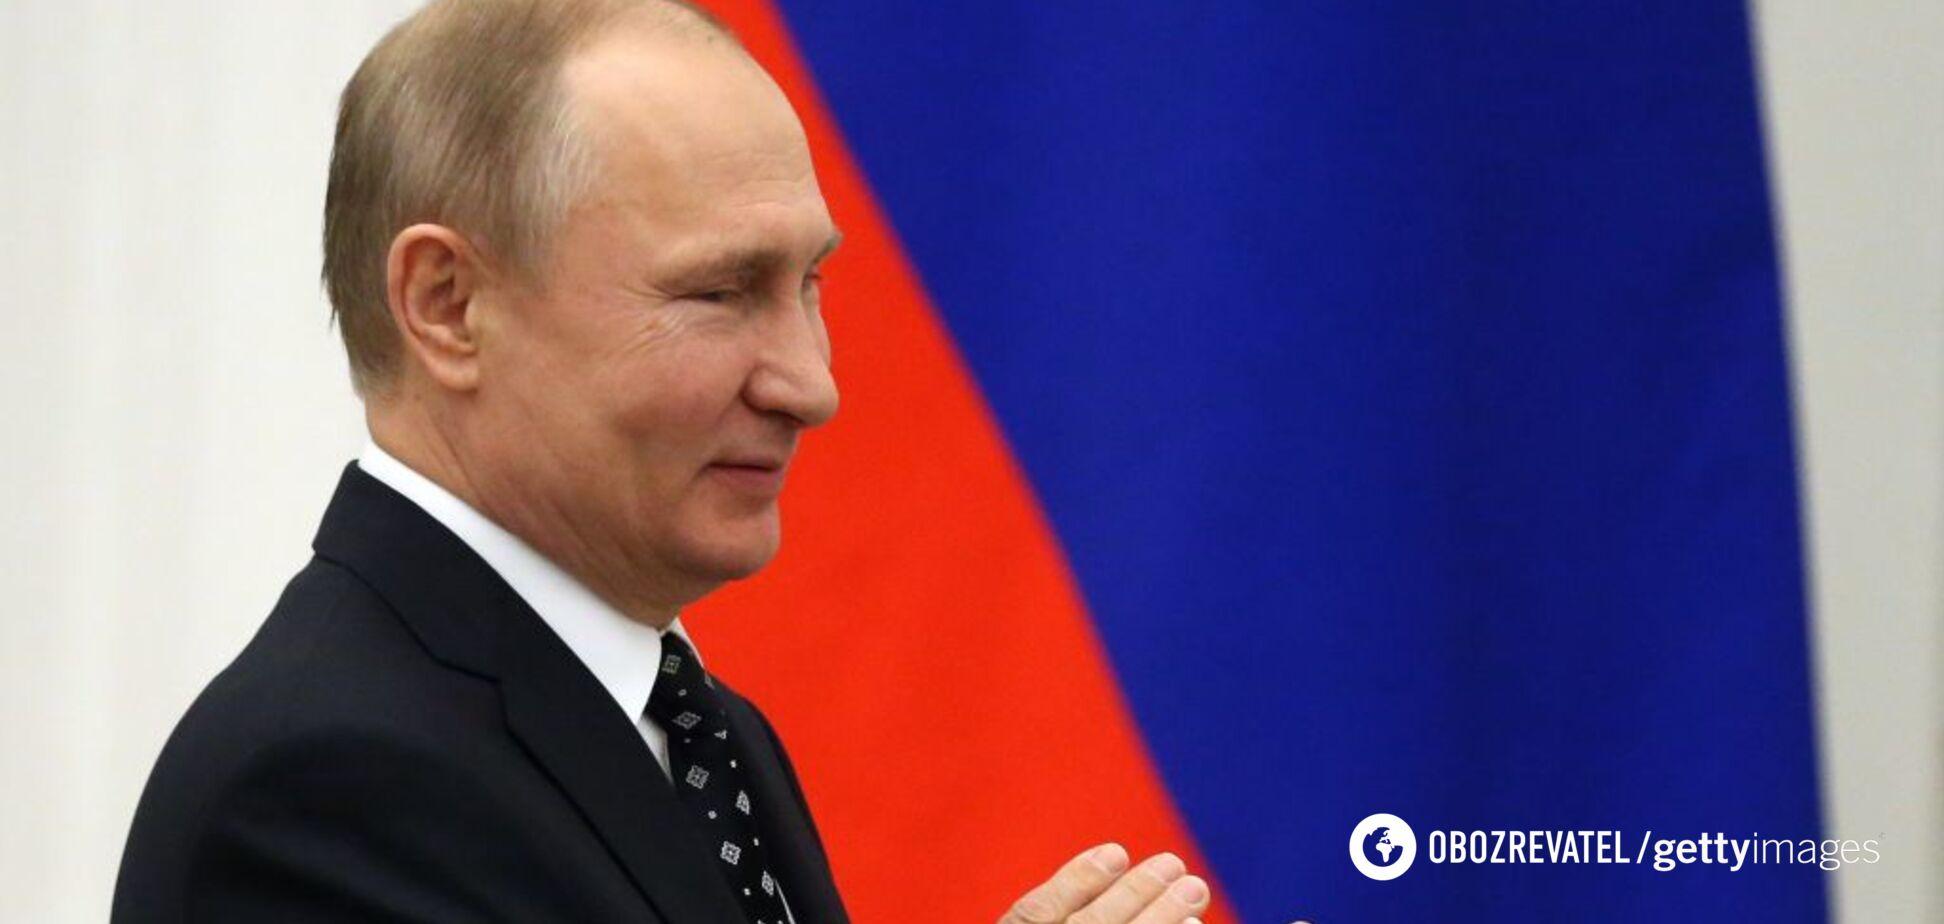 Путин решает, что по телевизору показывать немцам?